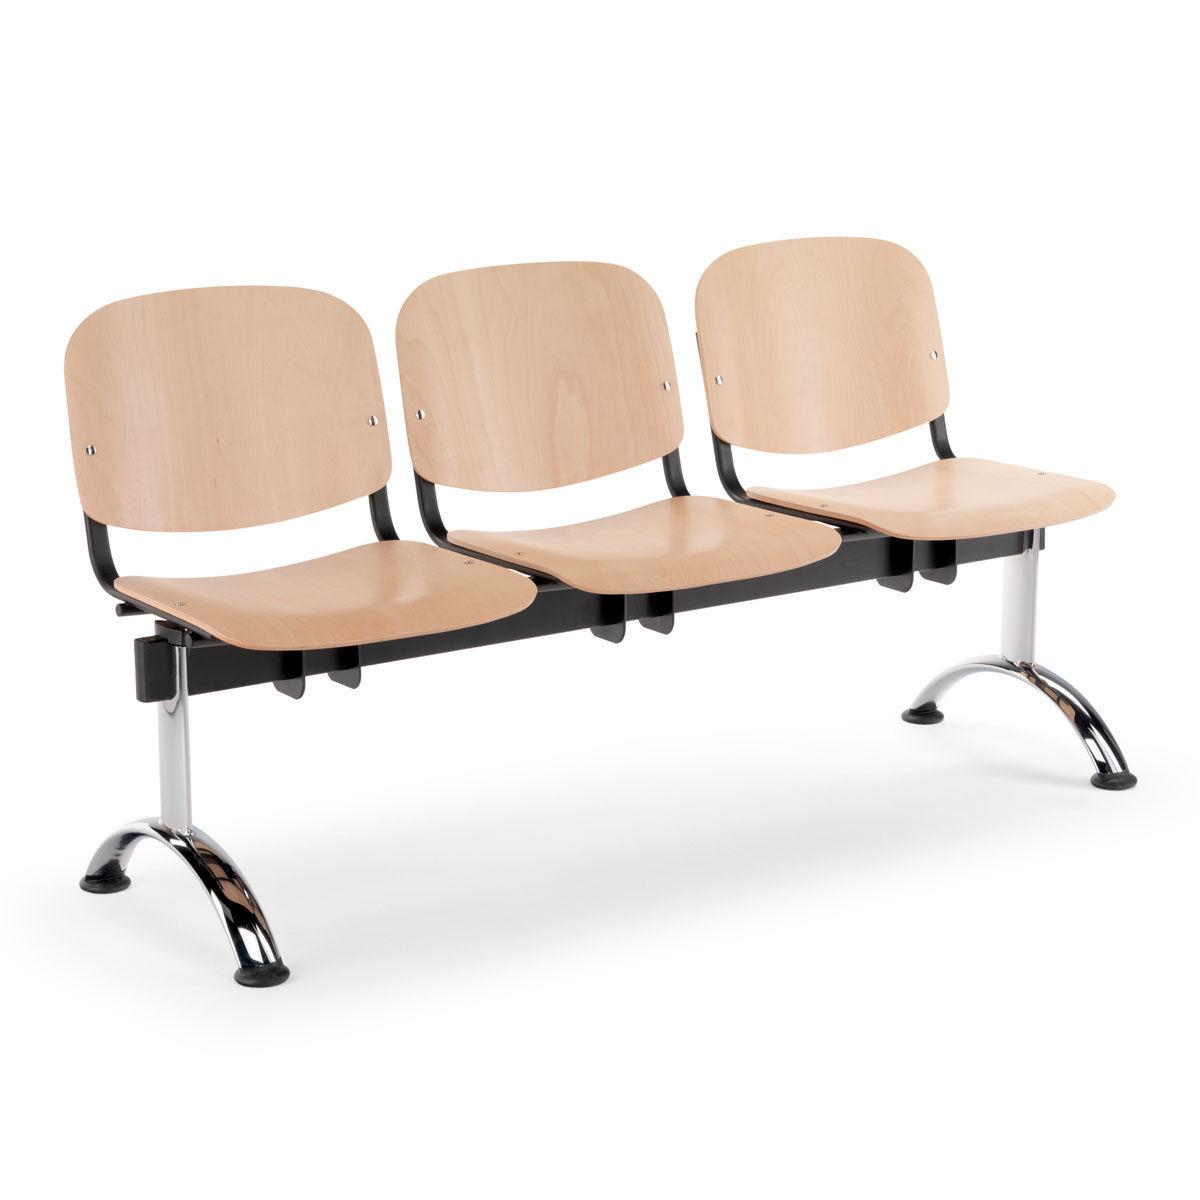 Sillas de madera para sala de espera for Sillas para salas pequenas